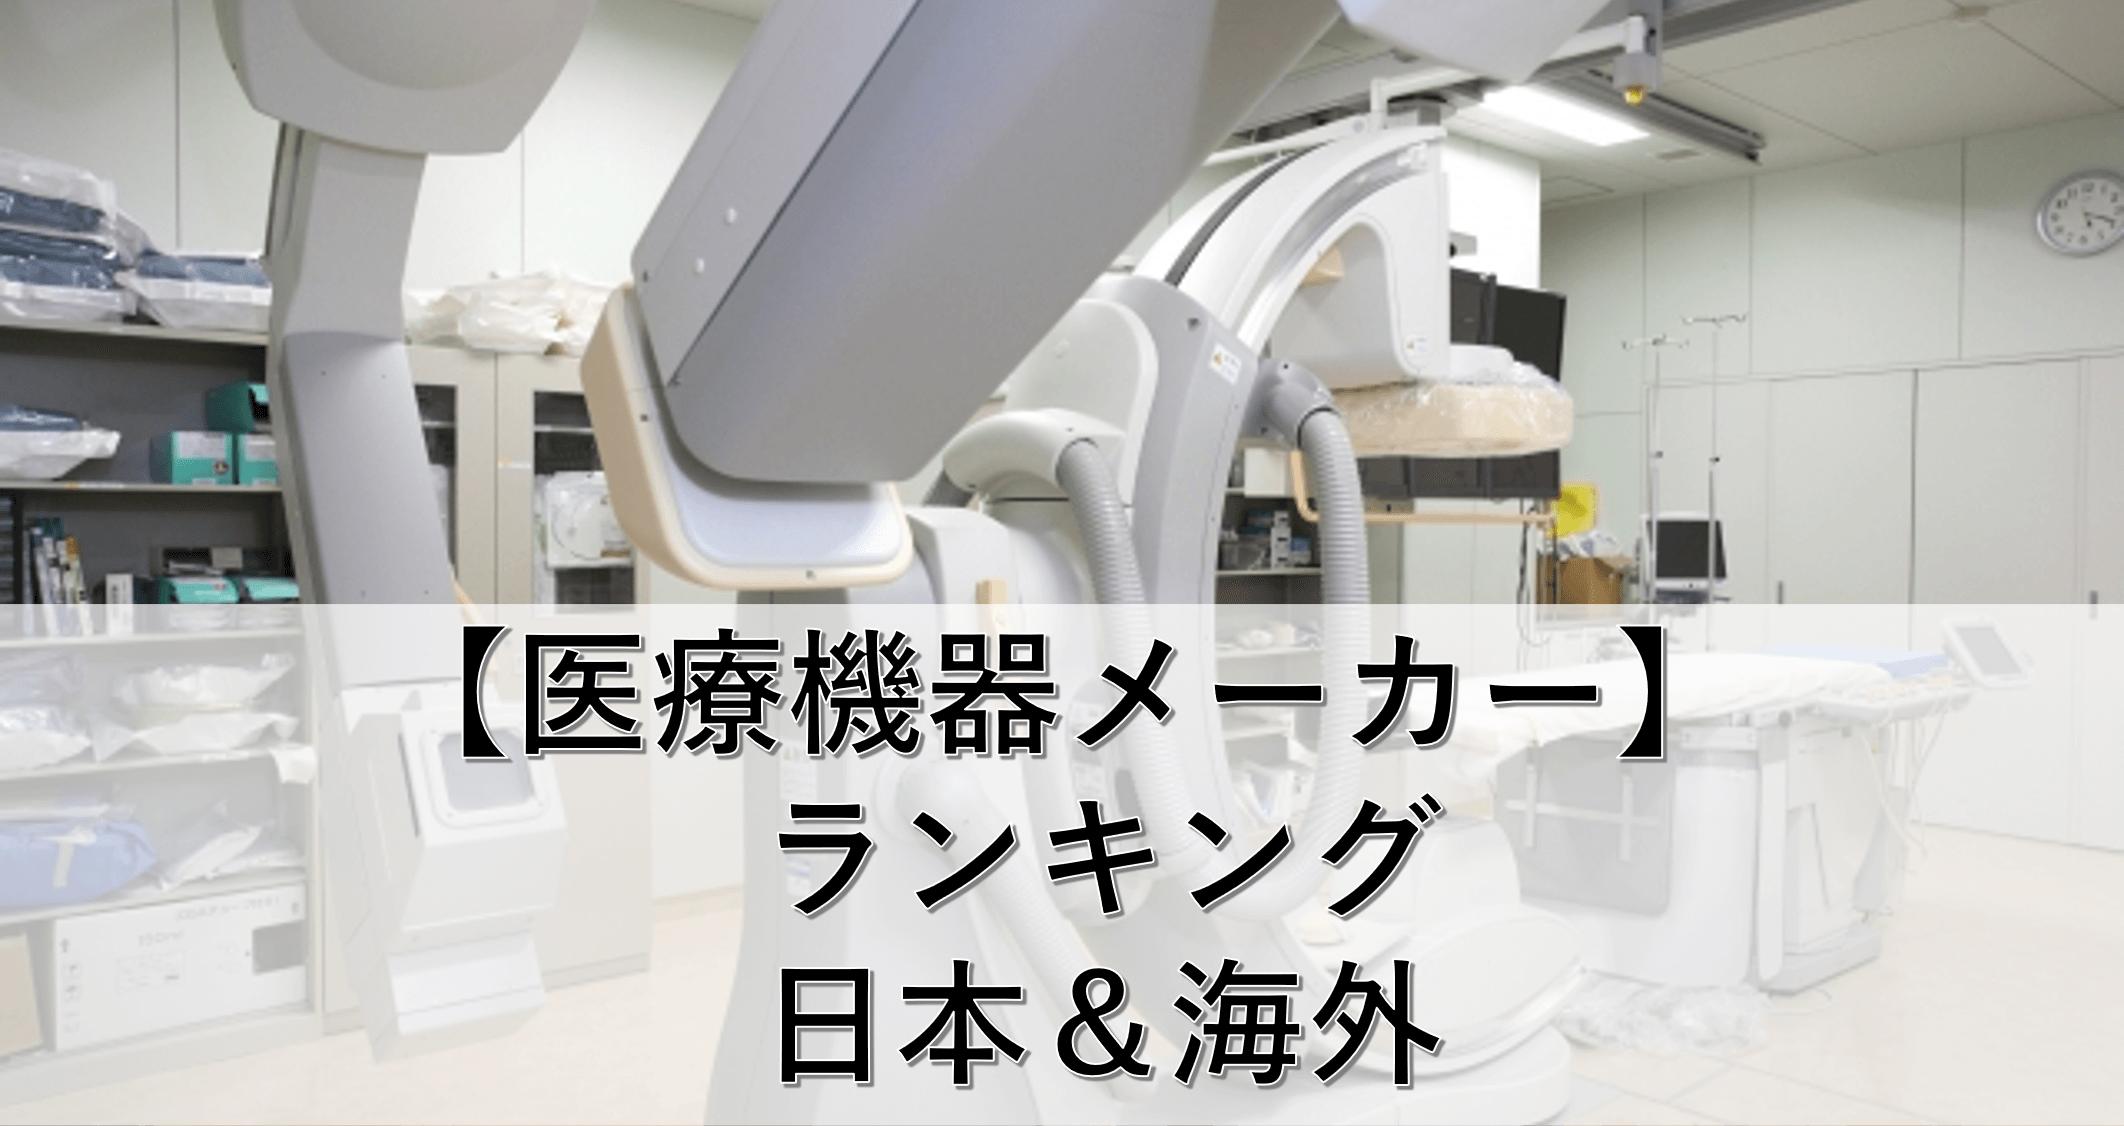 機器 メーカー 医療